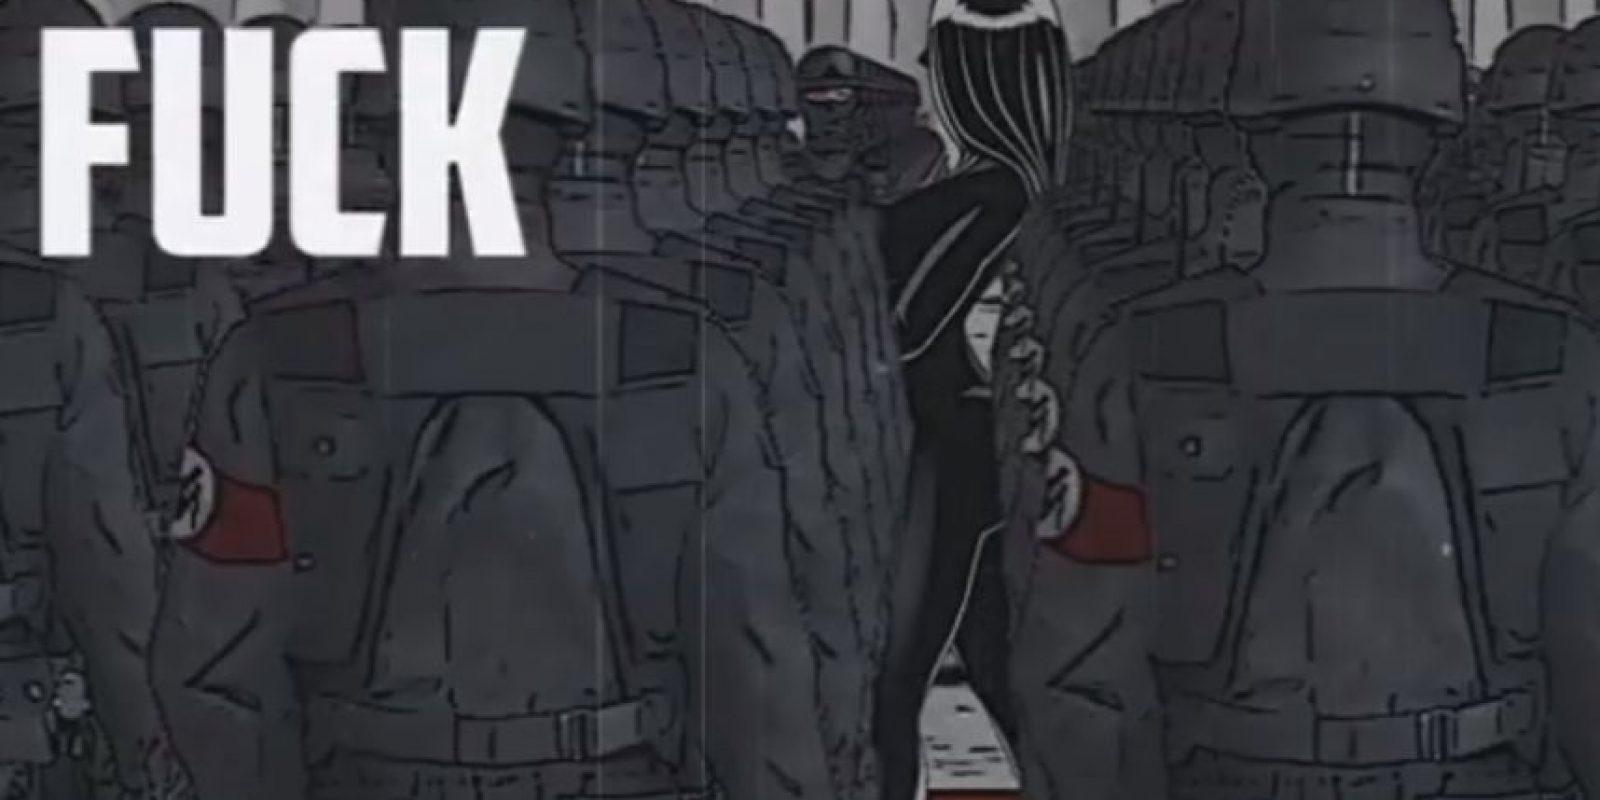 """Nicki Minaj lanzó el lyric video del tema """"Only"""", en esta animación la rapera es representada como un dictador, rodeado de soldados que lucen un parche rojo en el brazo, similar al que usaba el ejercito nazi en sus uniformes. Foto: YouTube/Nicki Minaj"""